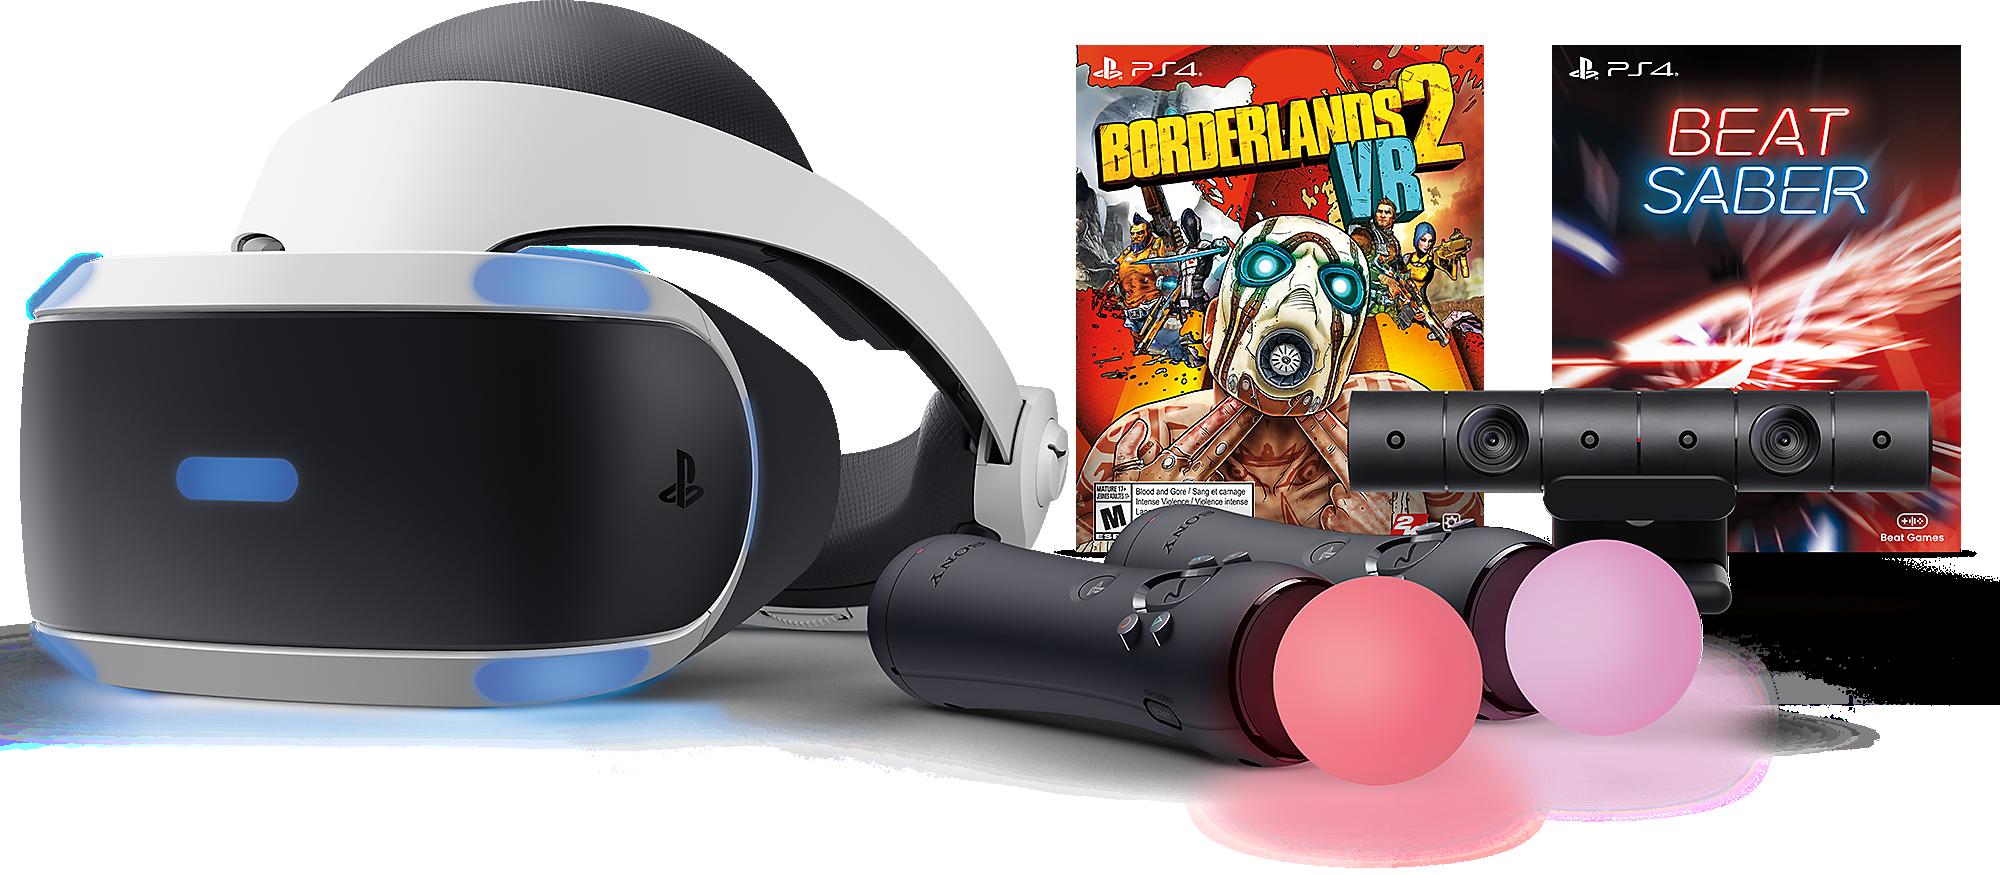 Borderlands 2 and Beat Saber VR Bundle art